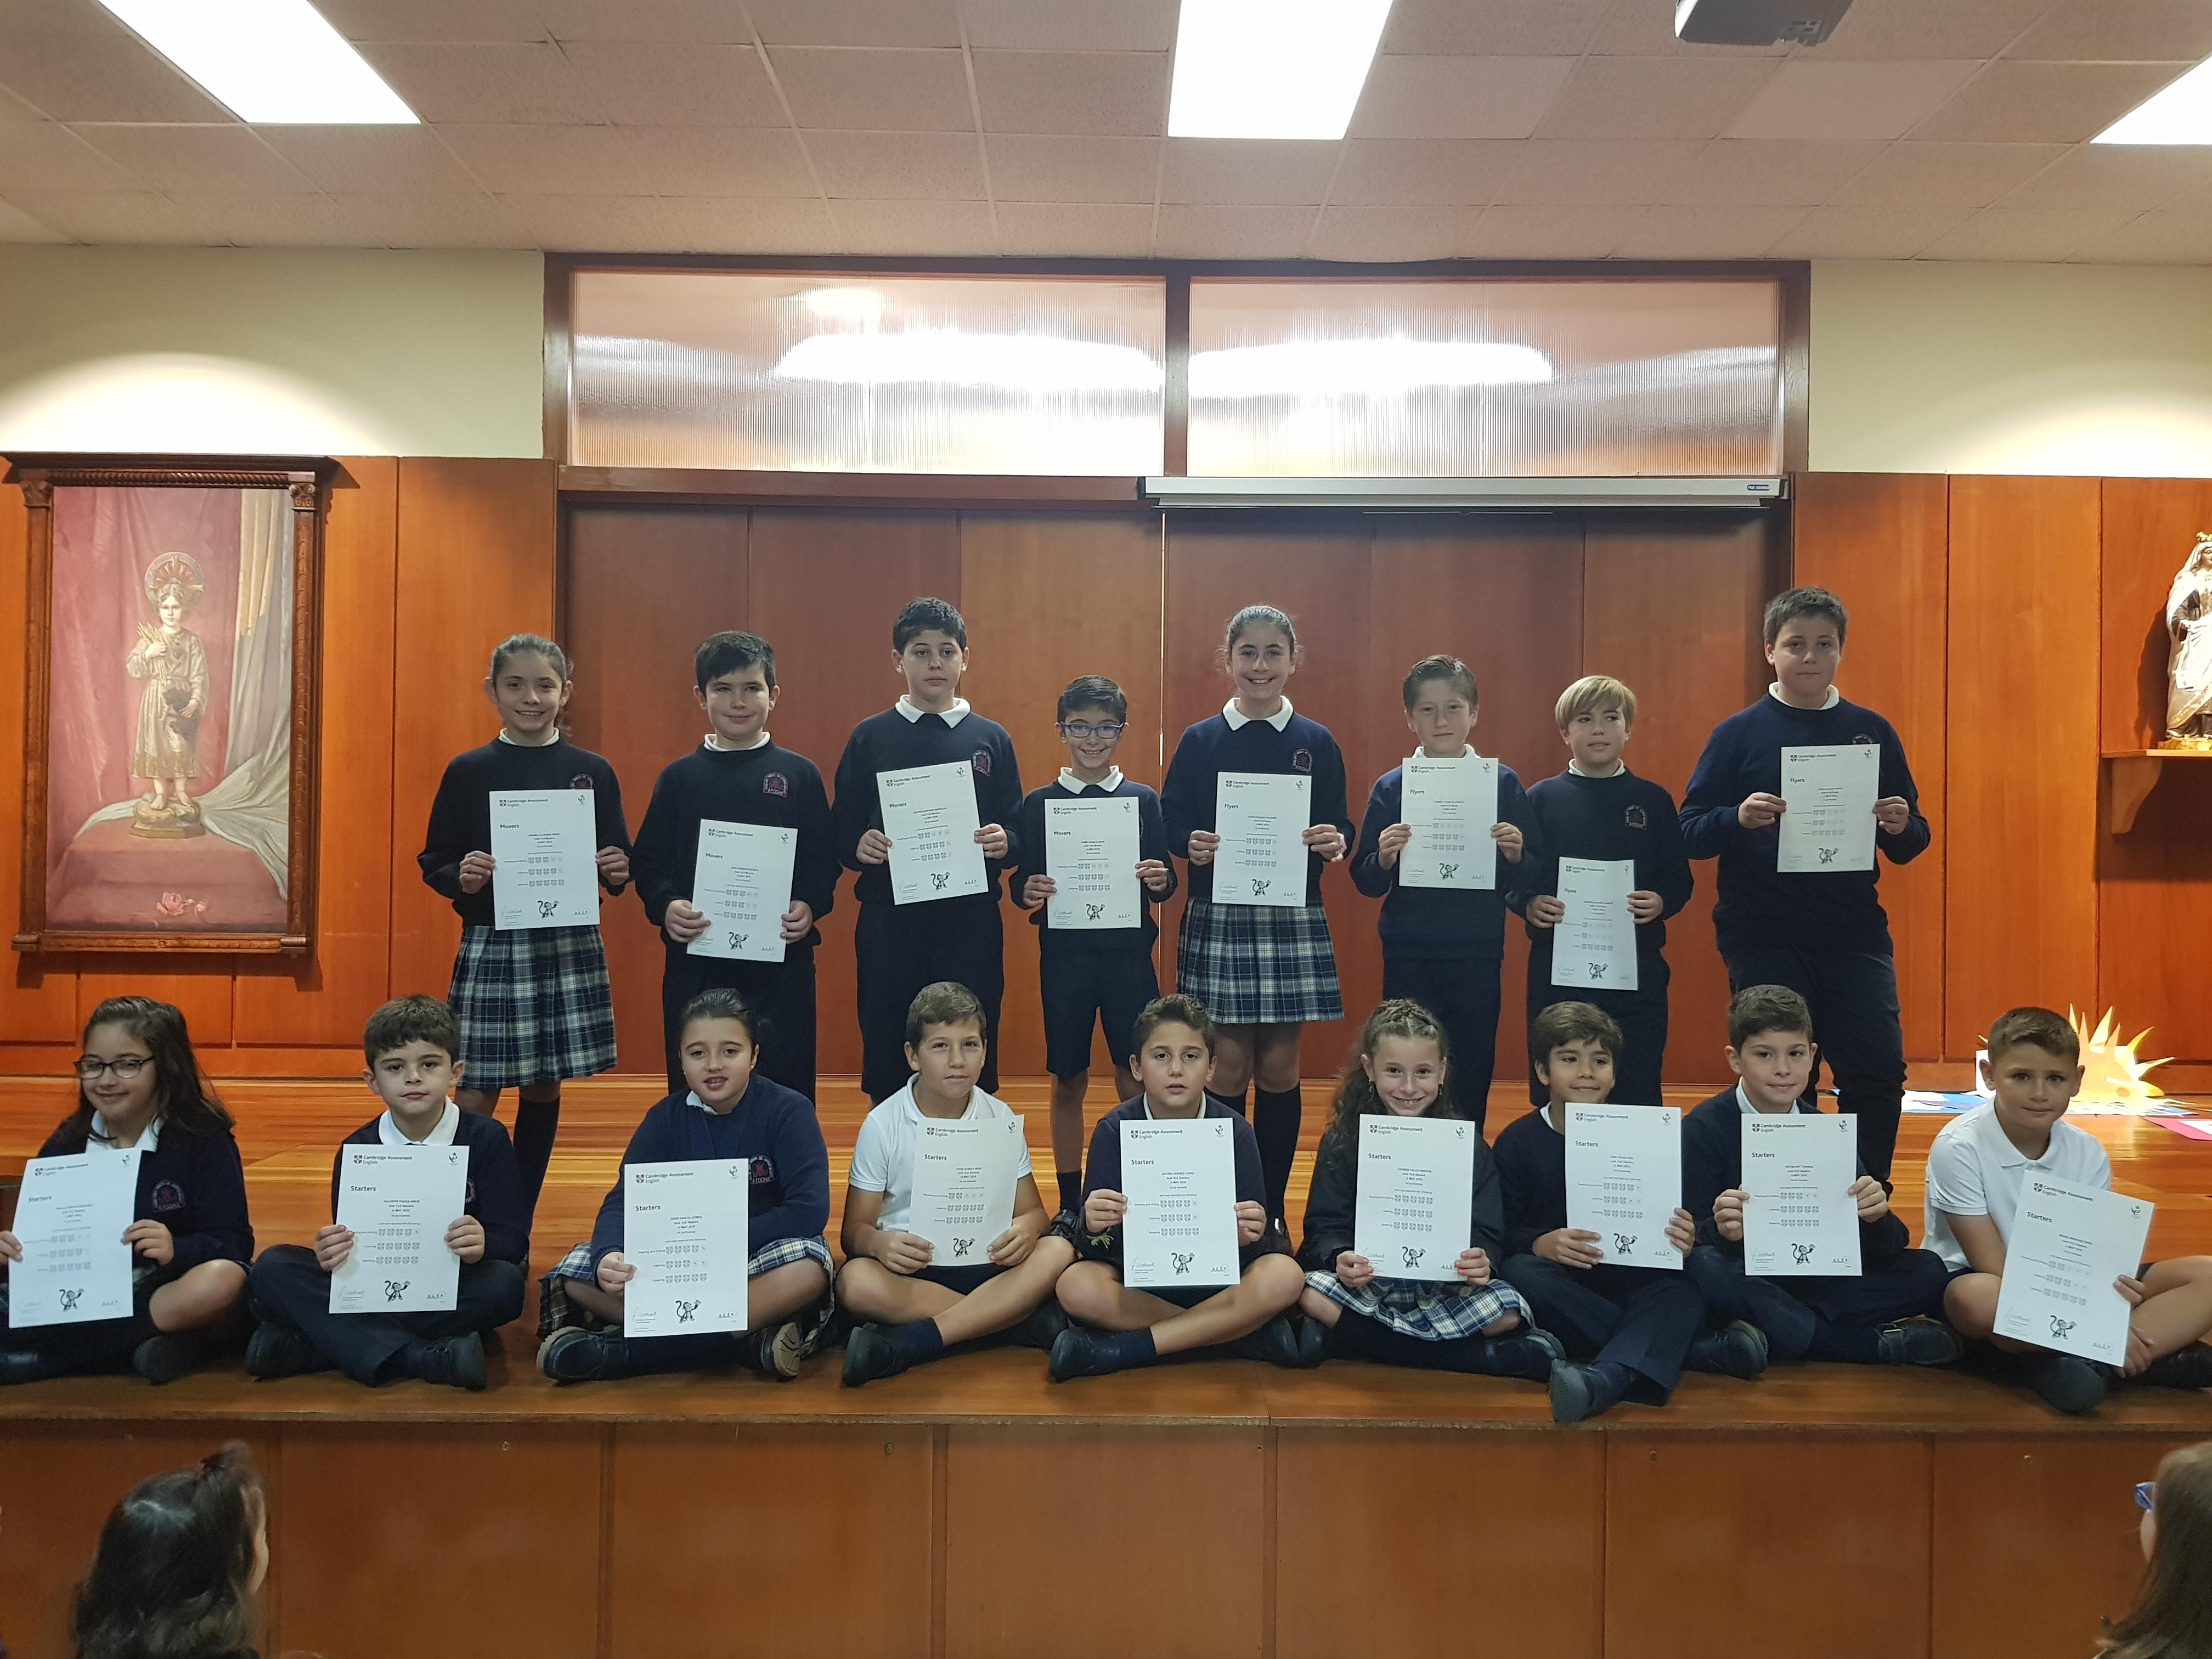 Diplomas Young Learners de Cambridge